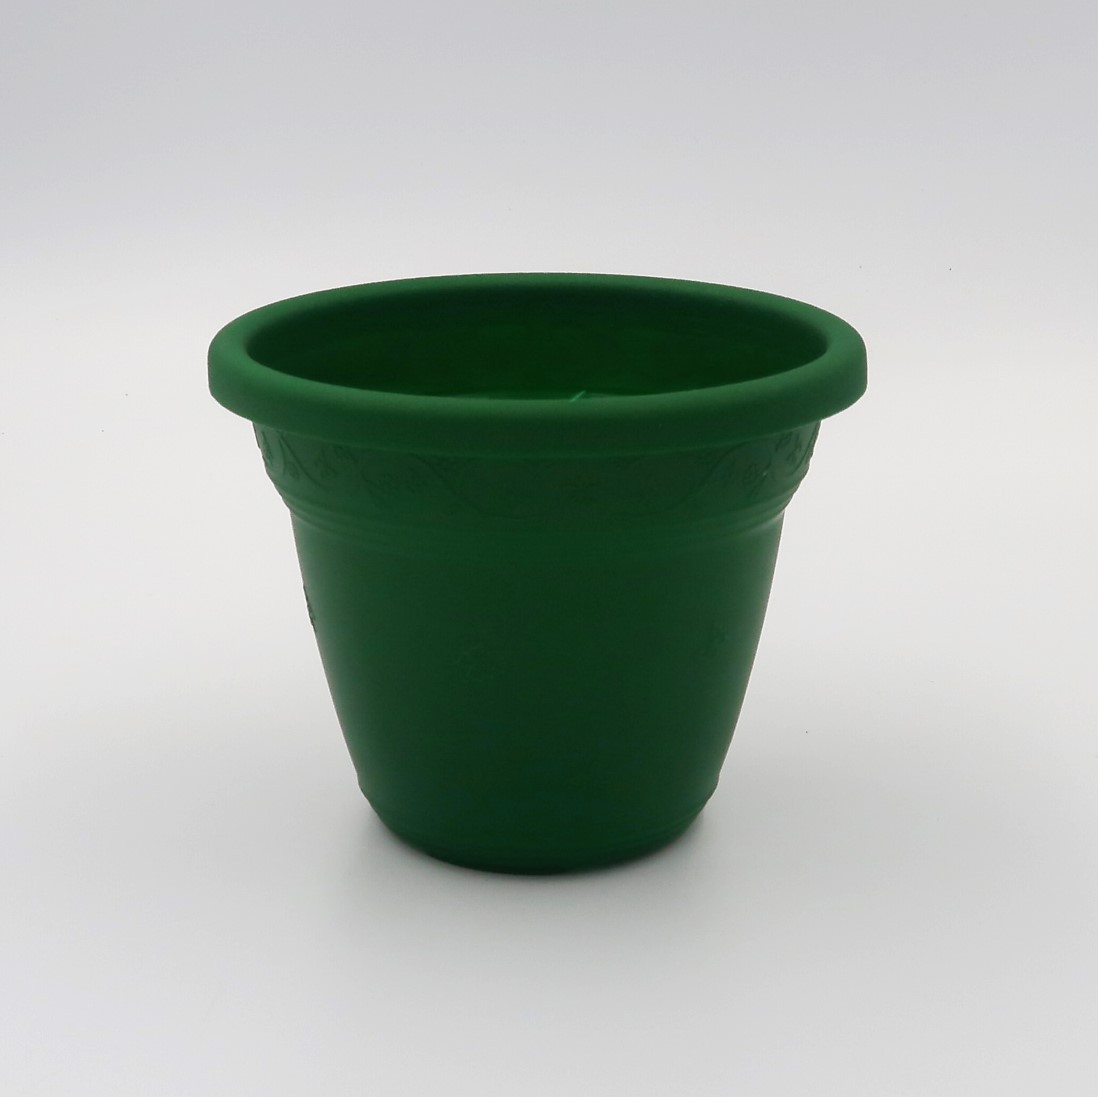 Vaso plástico - vicenza - verde escuro - 08 x 10 cm